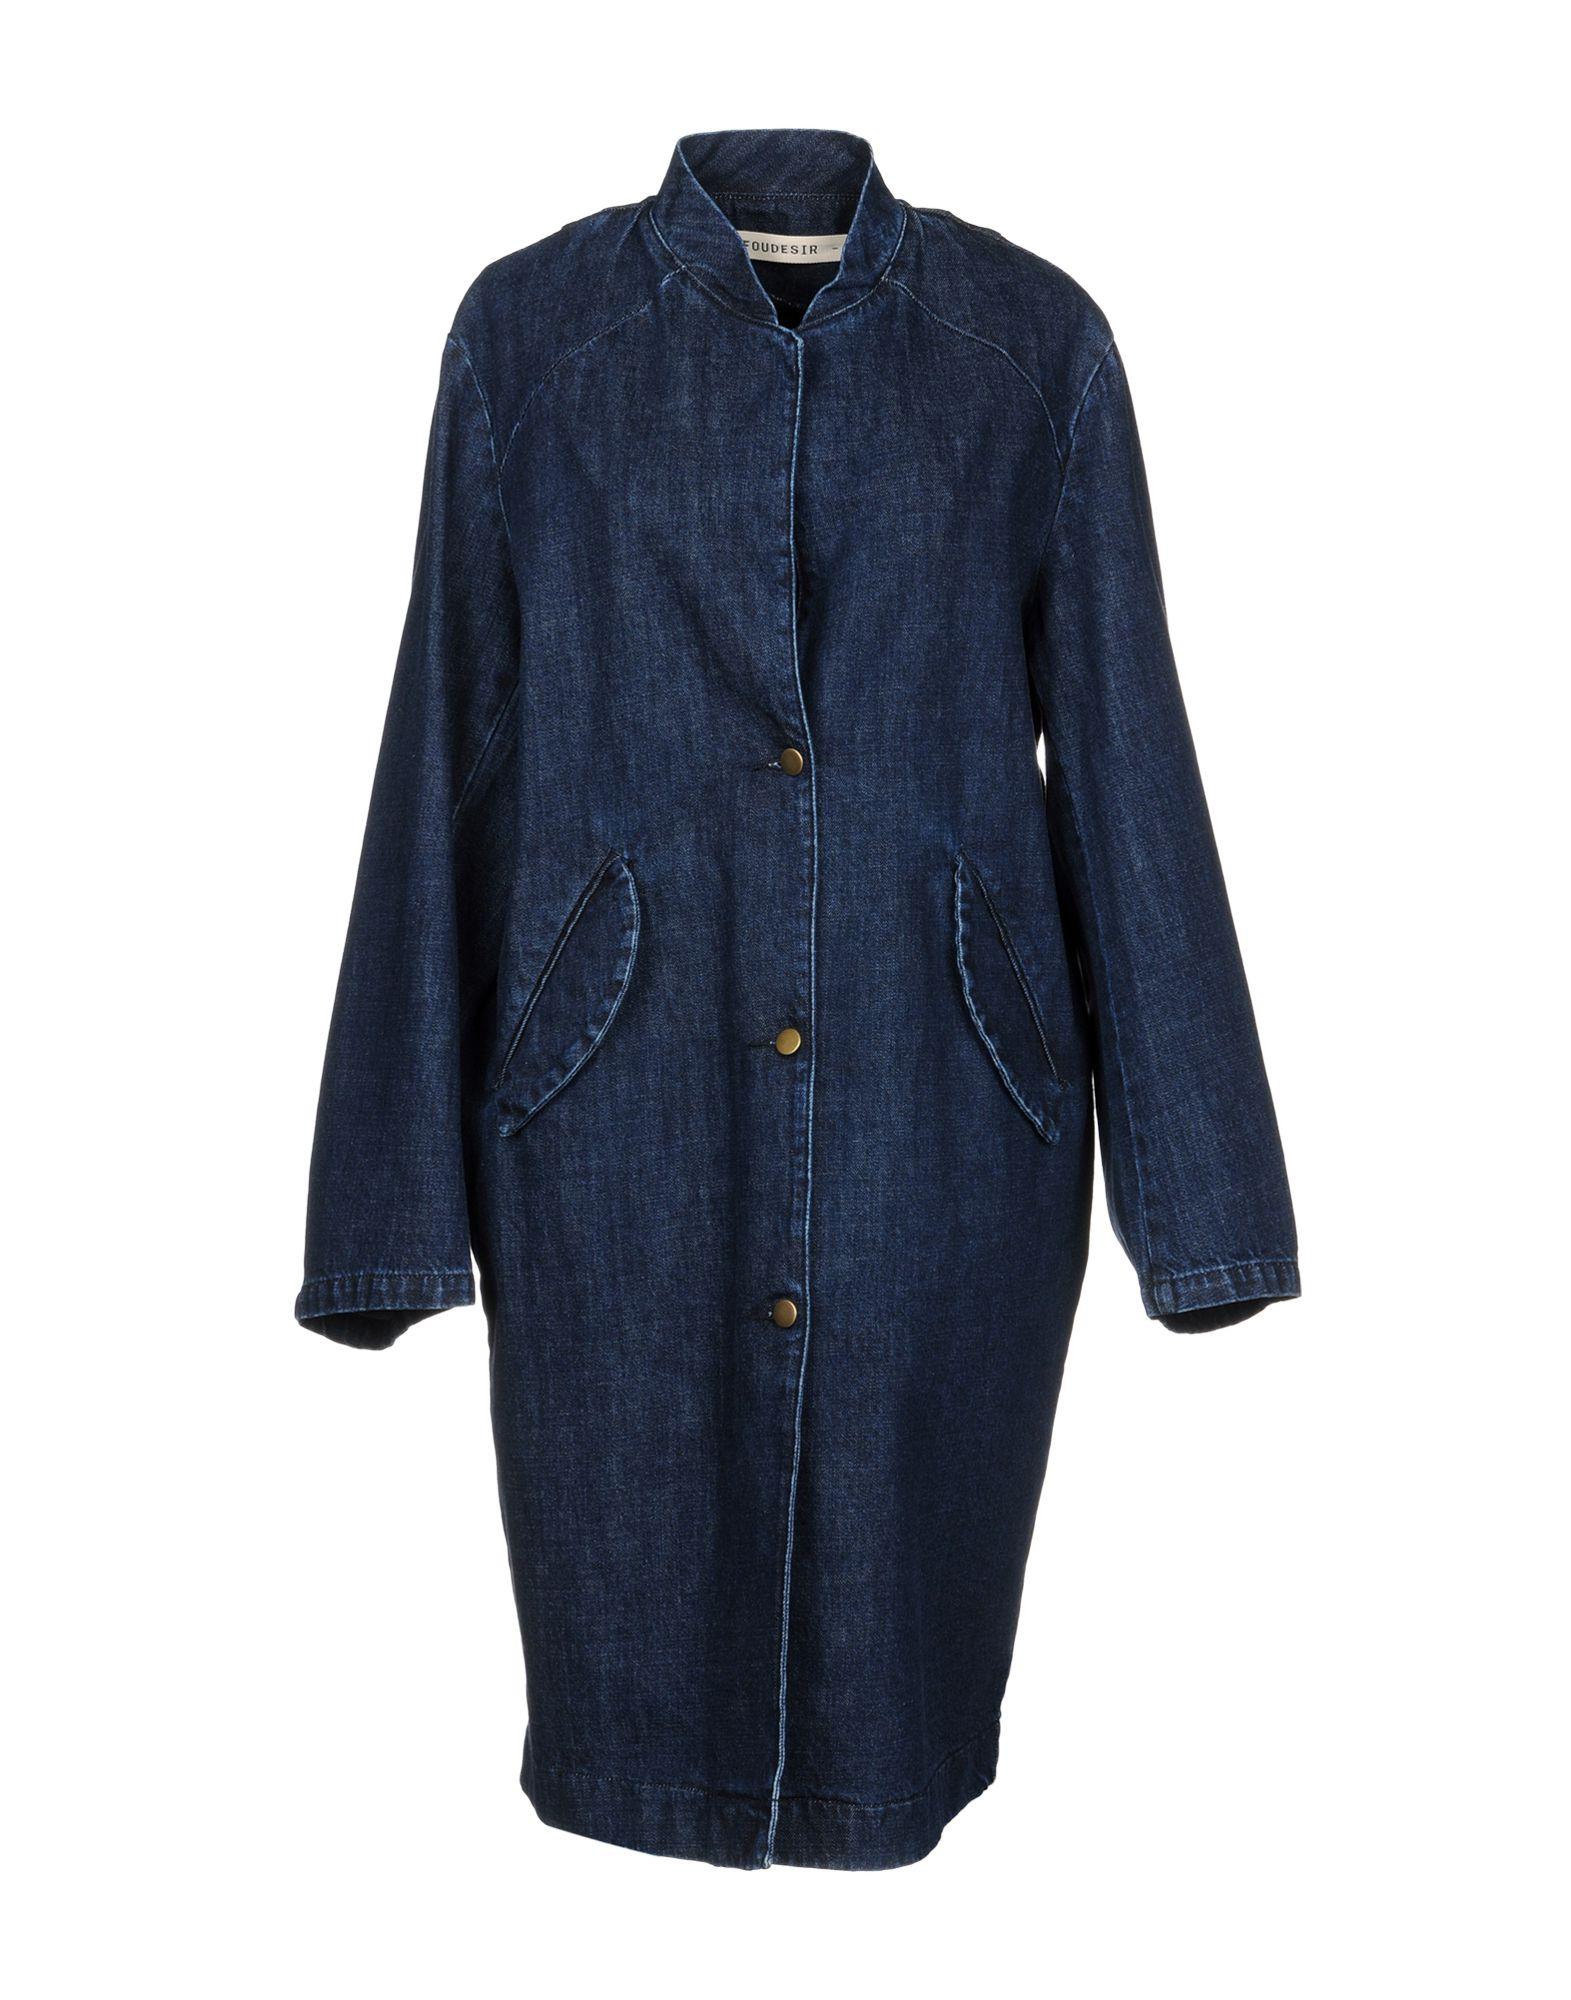 FOUDESIR Джинсовая верхняя одежда folk джинсовая верхняя одежда